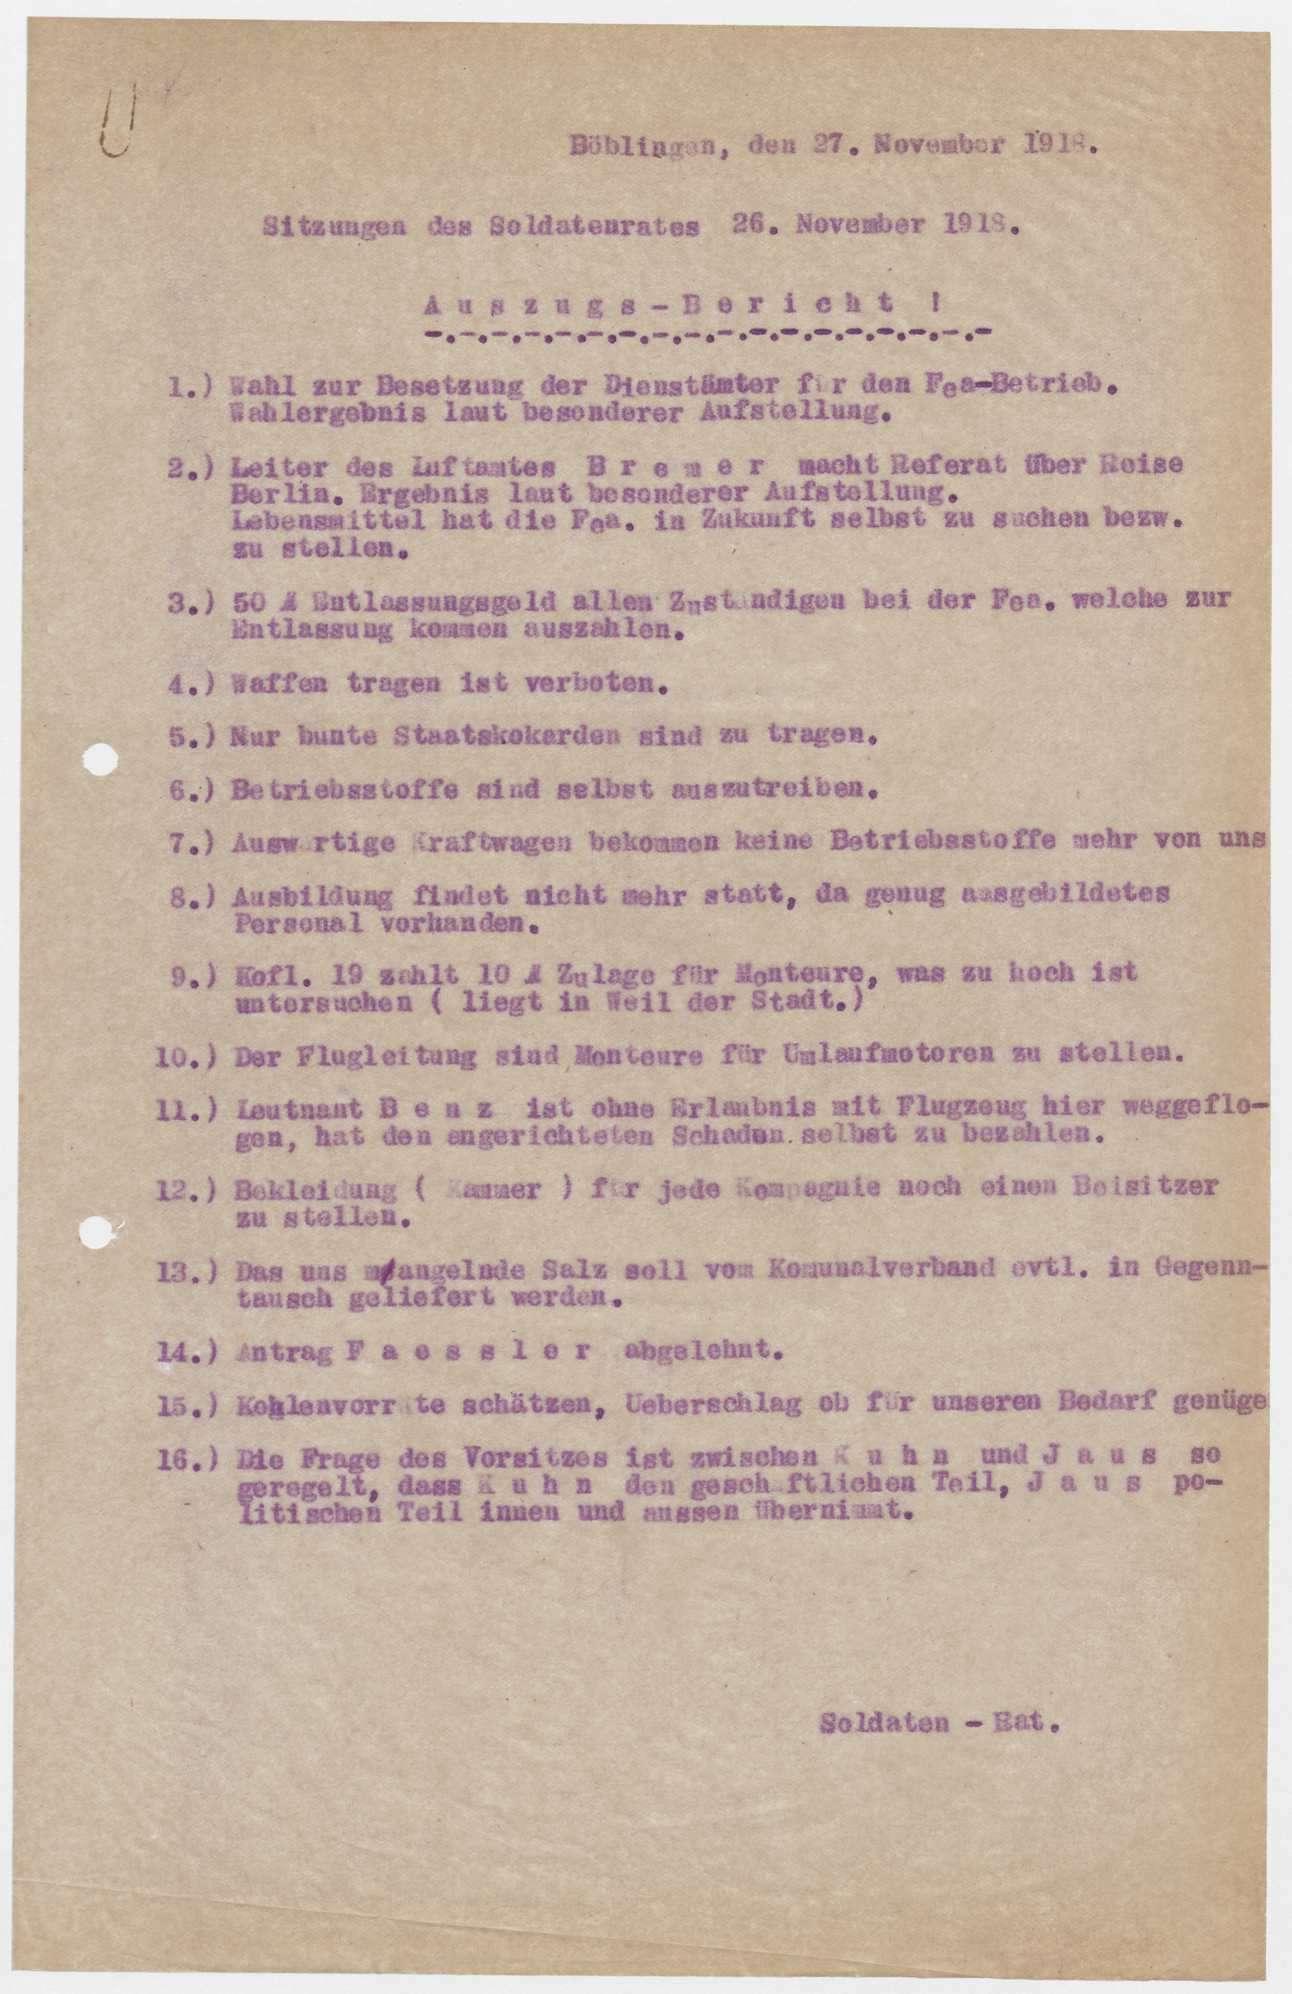 Sitzungsberichte des Soldatenrats der Flieger-Ersatz-Abteilung 10, Bild 1